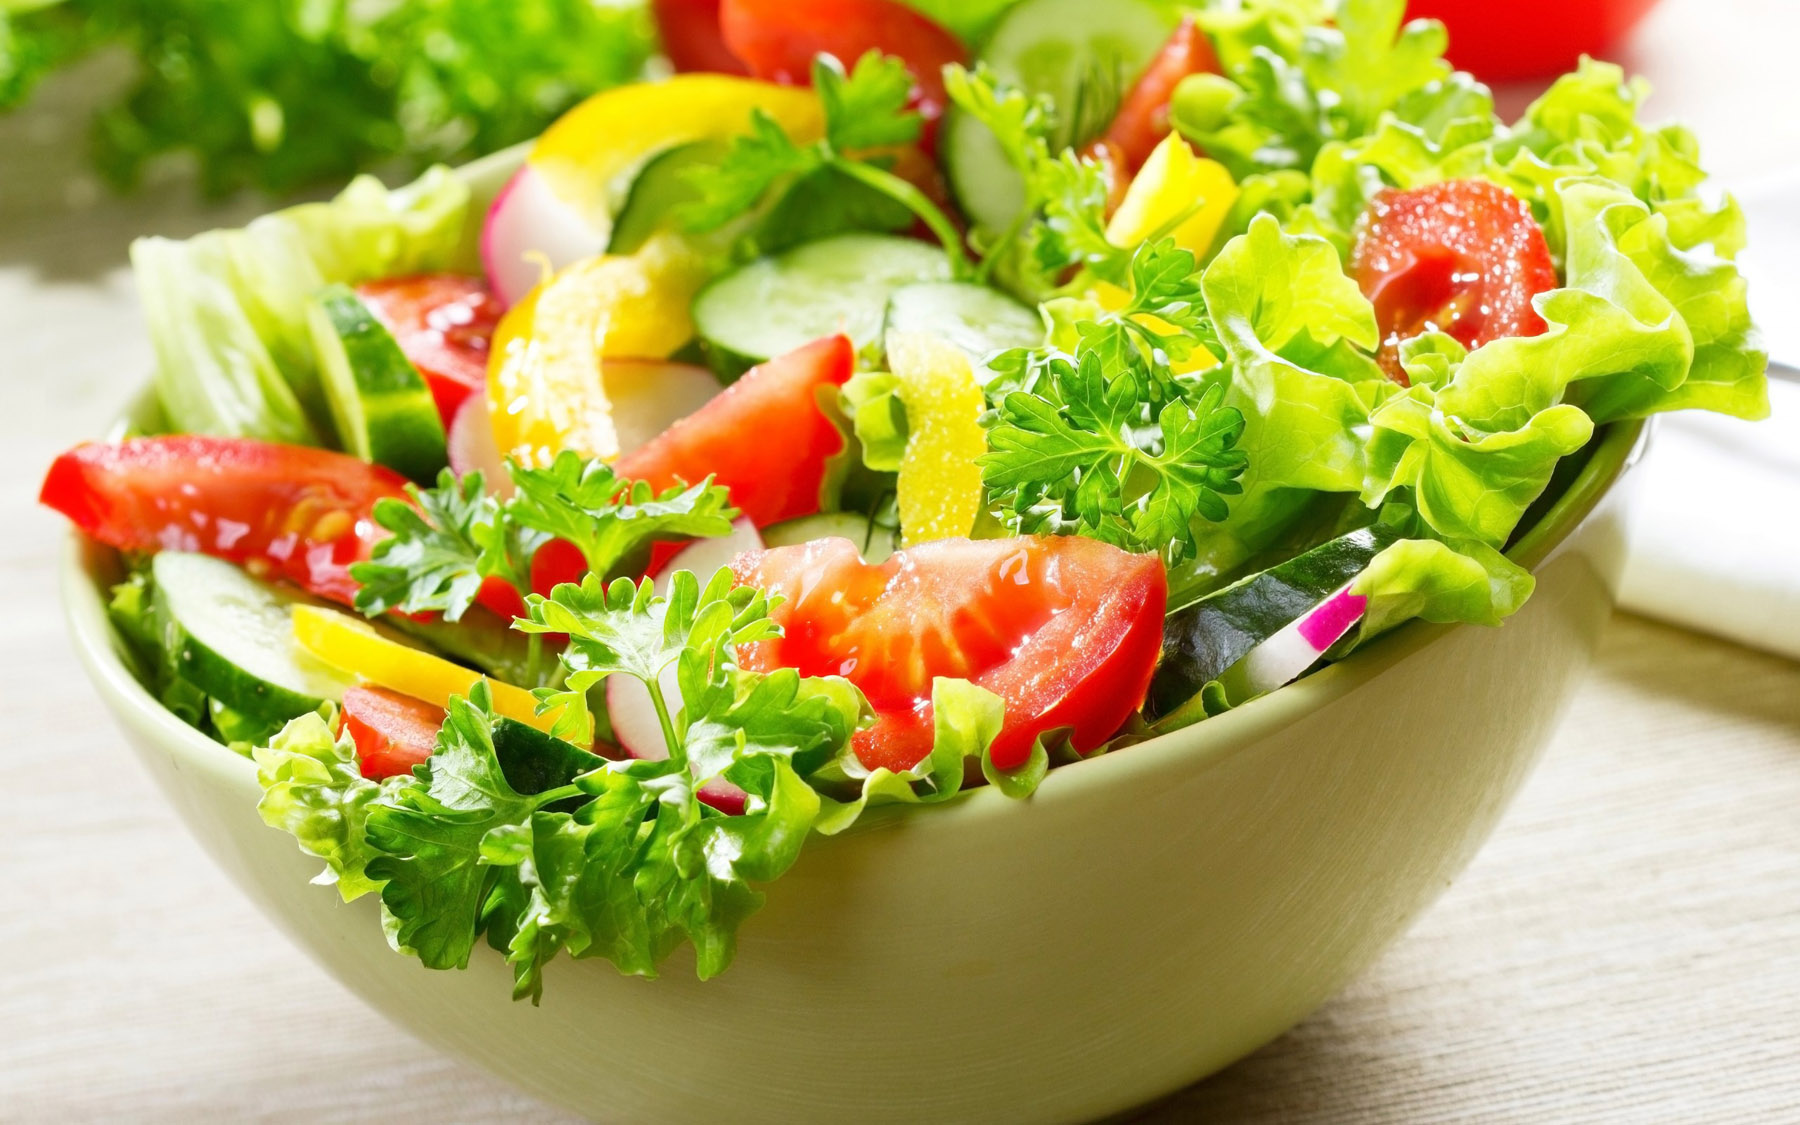 mon-salad-ngon-de-lam-mua-he